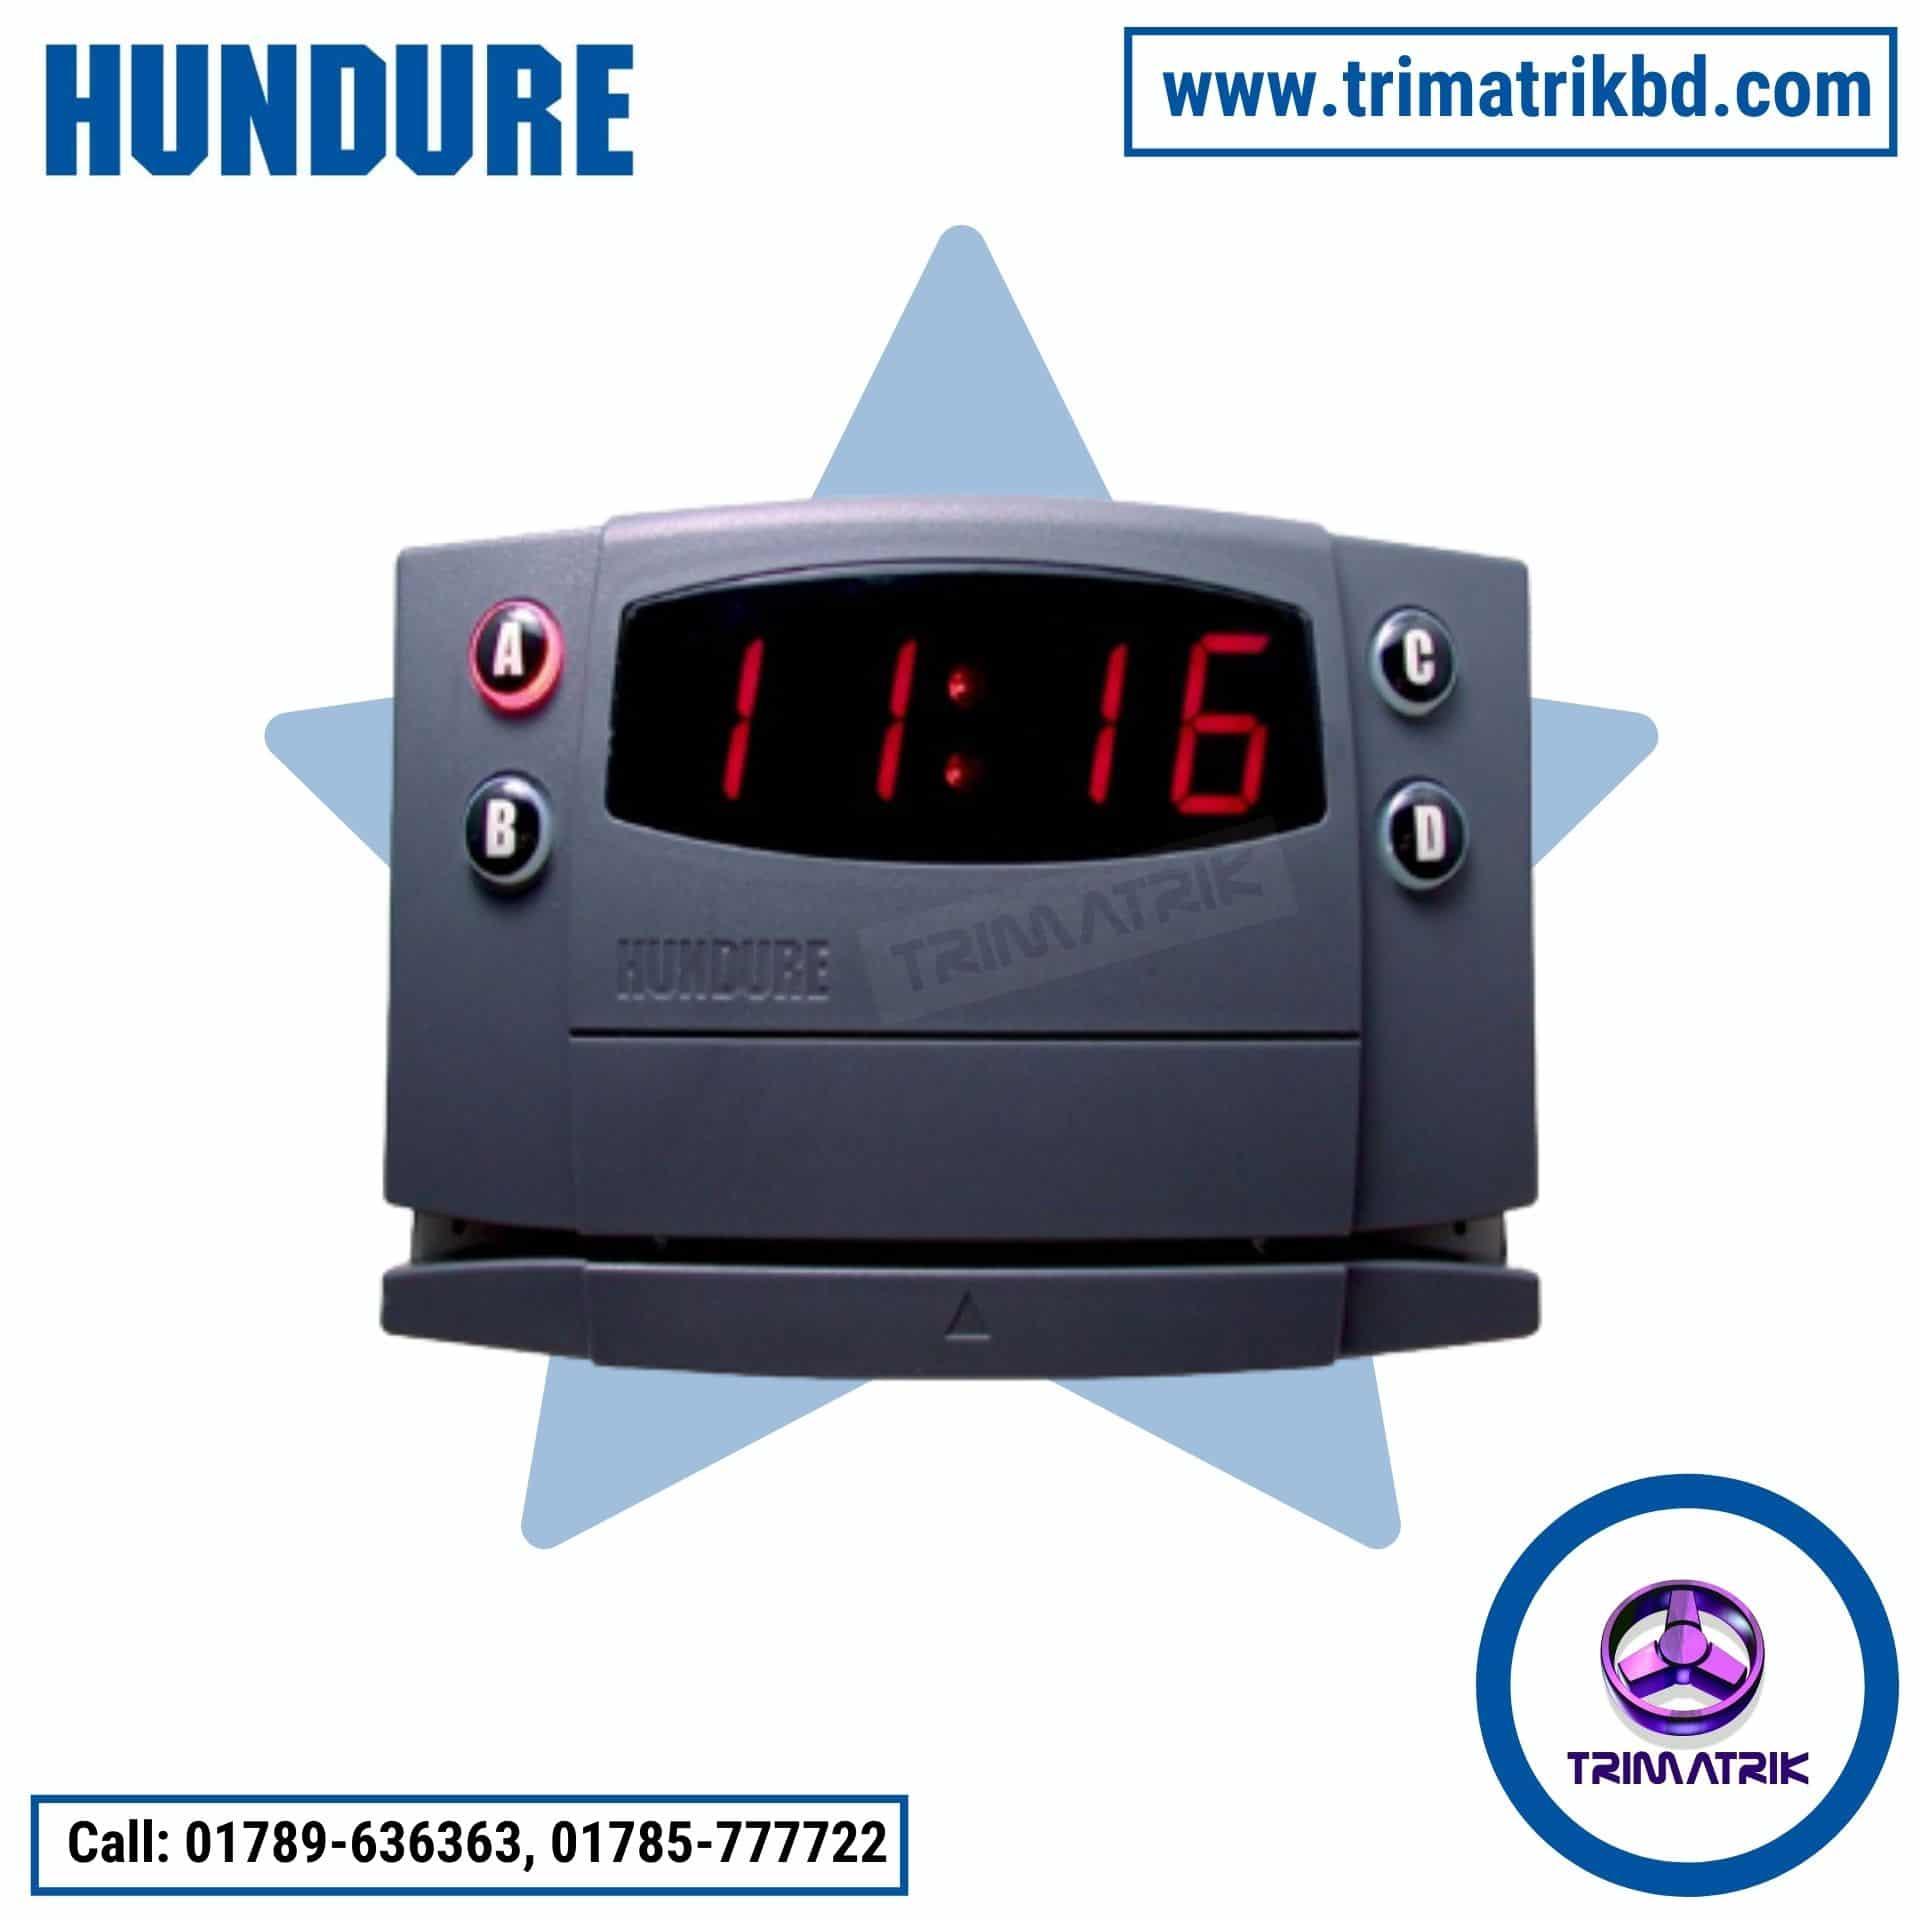 Hundure HTA-830